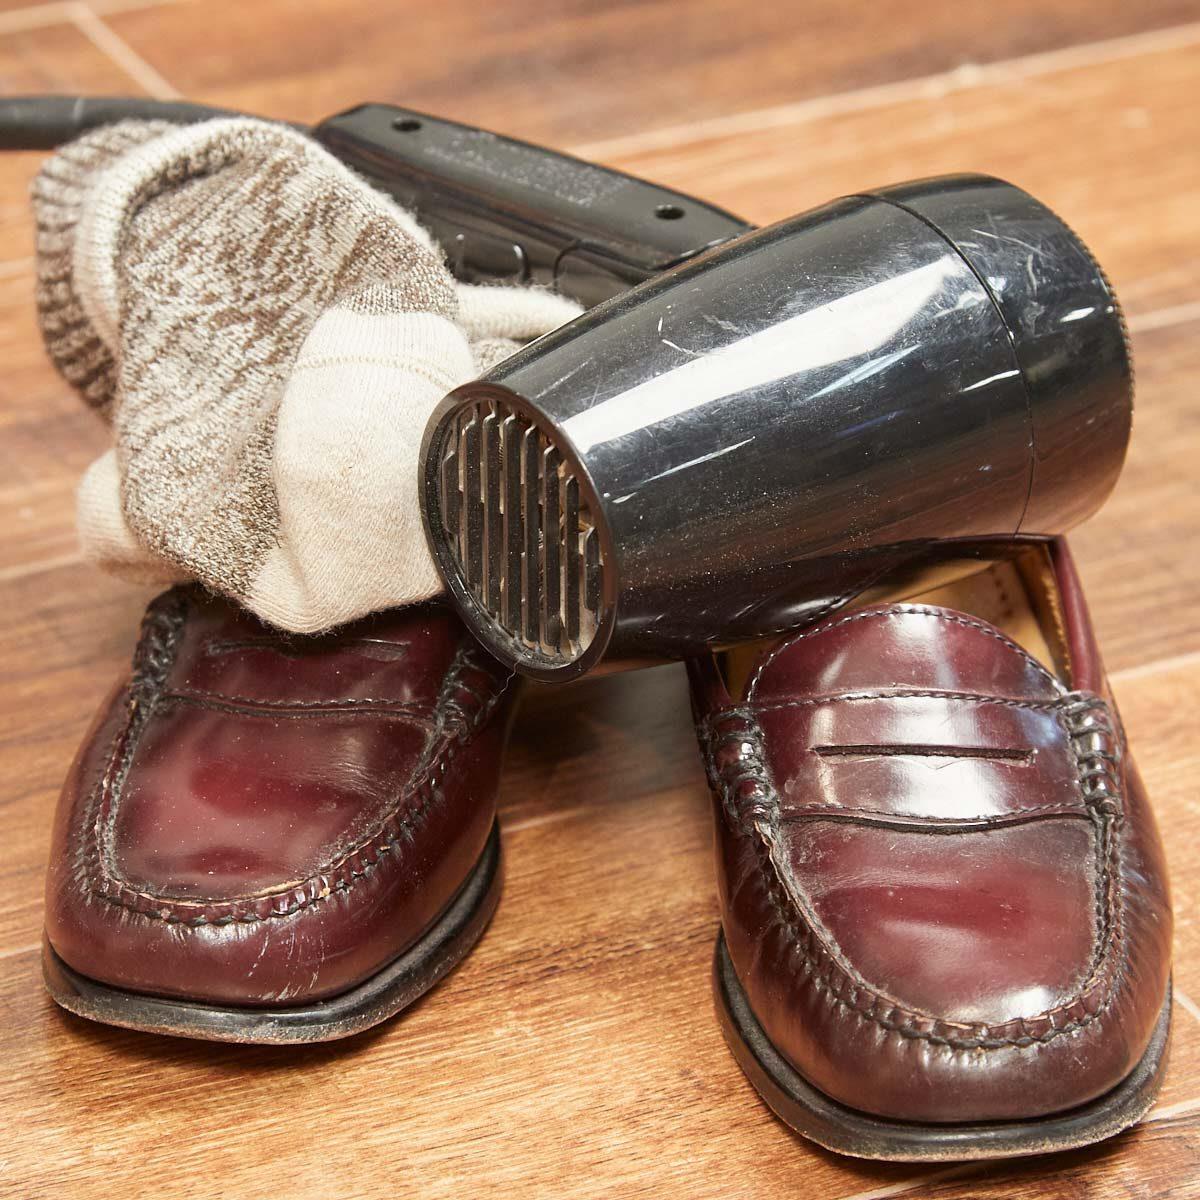 Break In New Shoes Hair Dryer